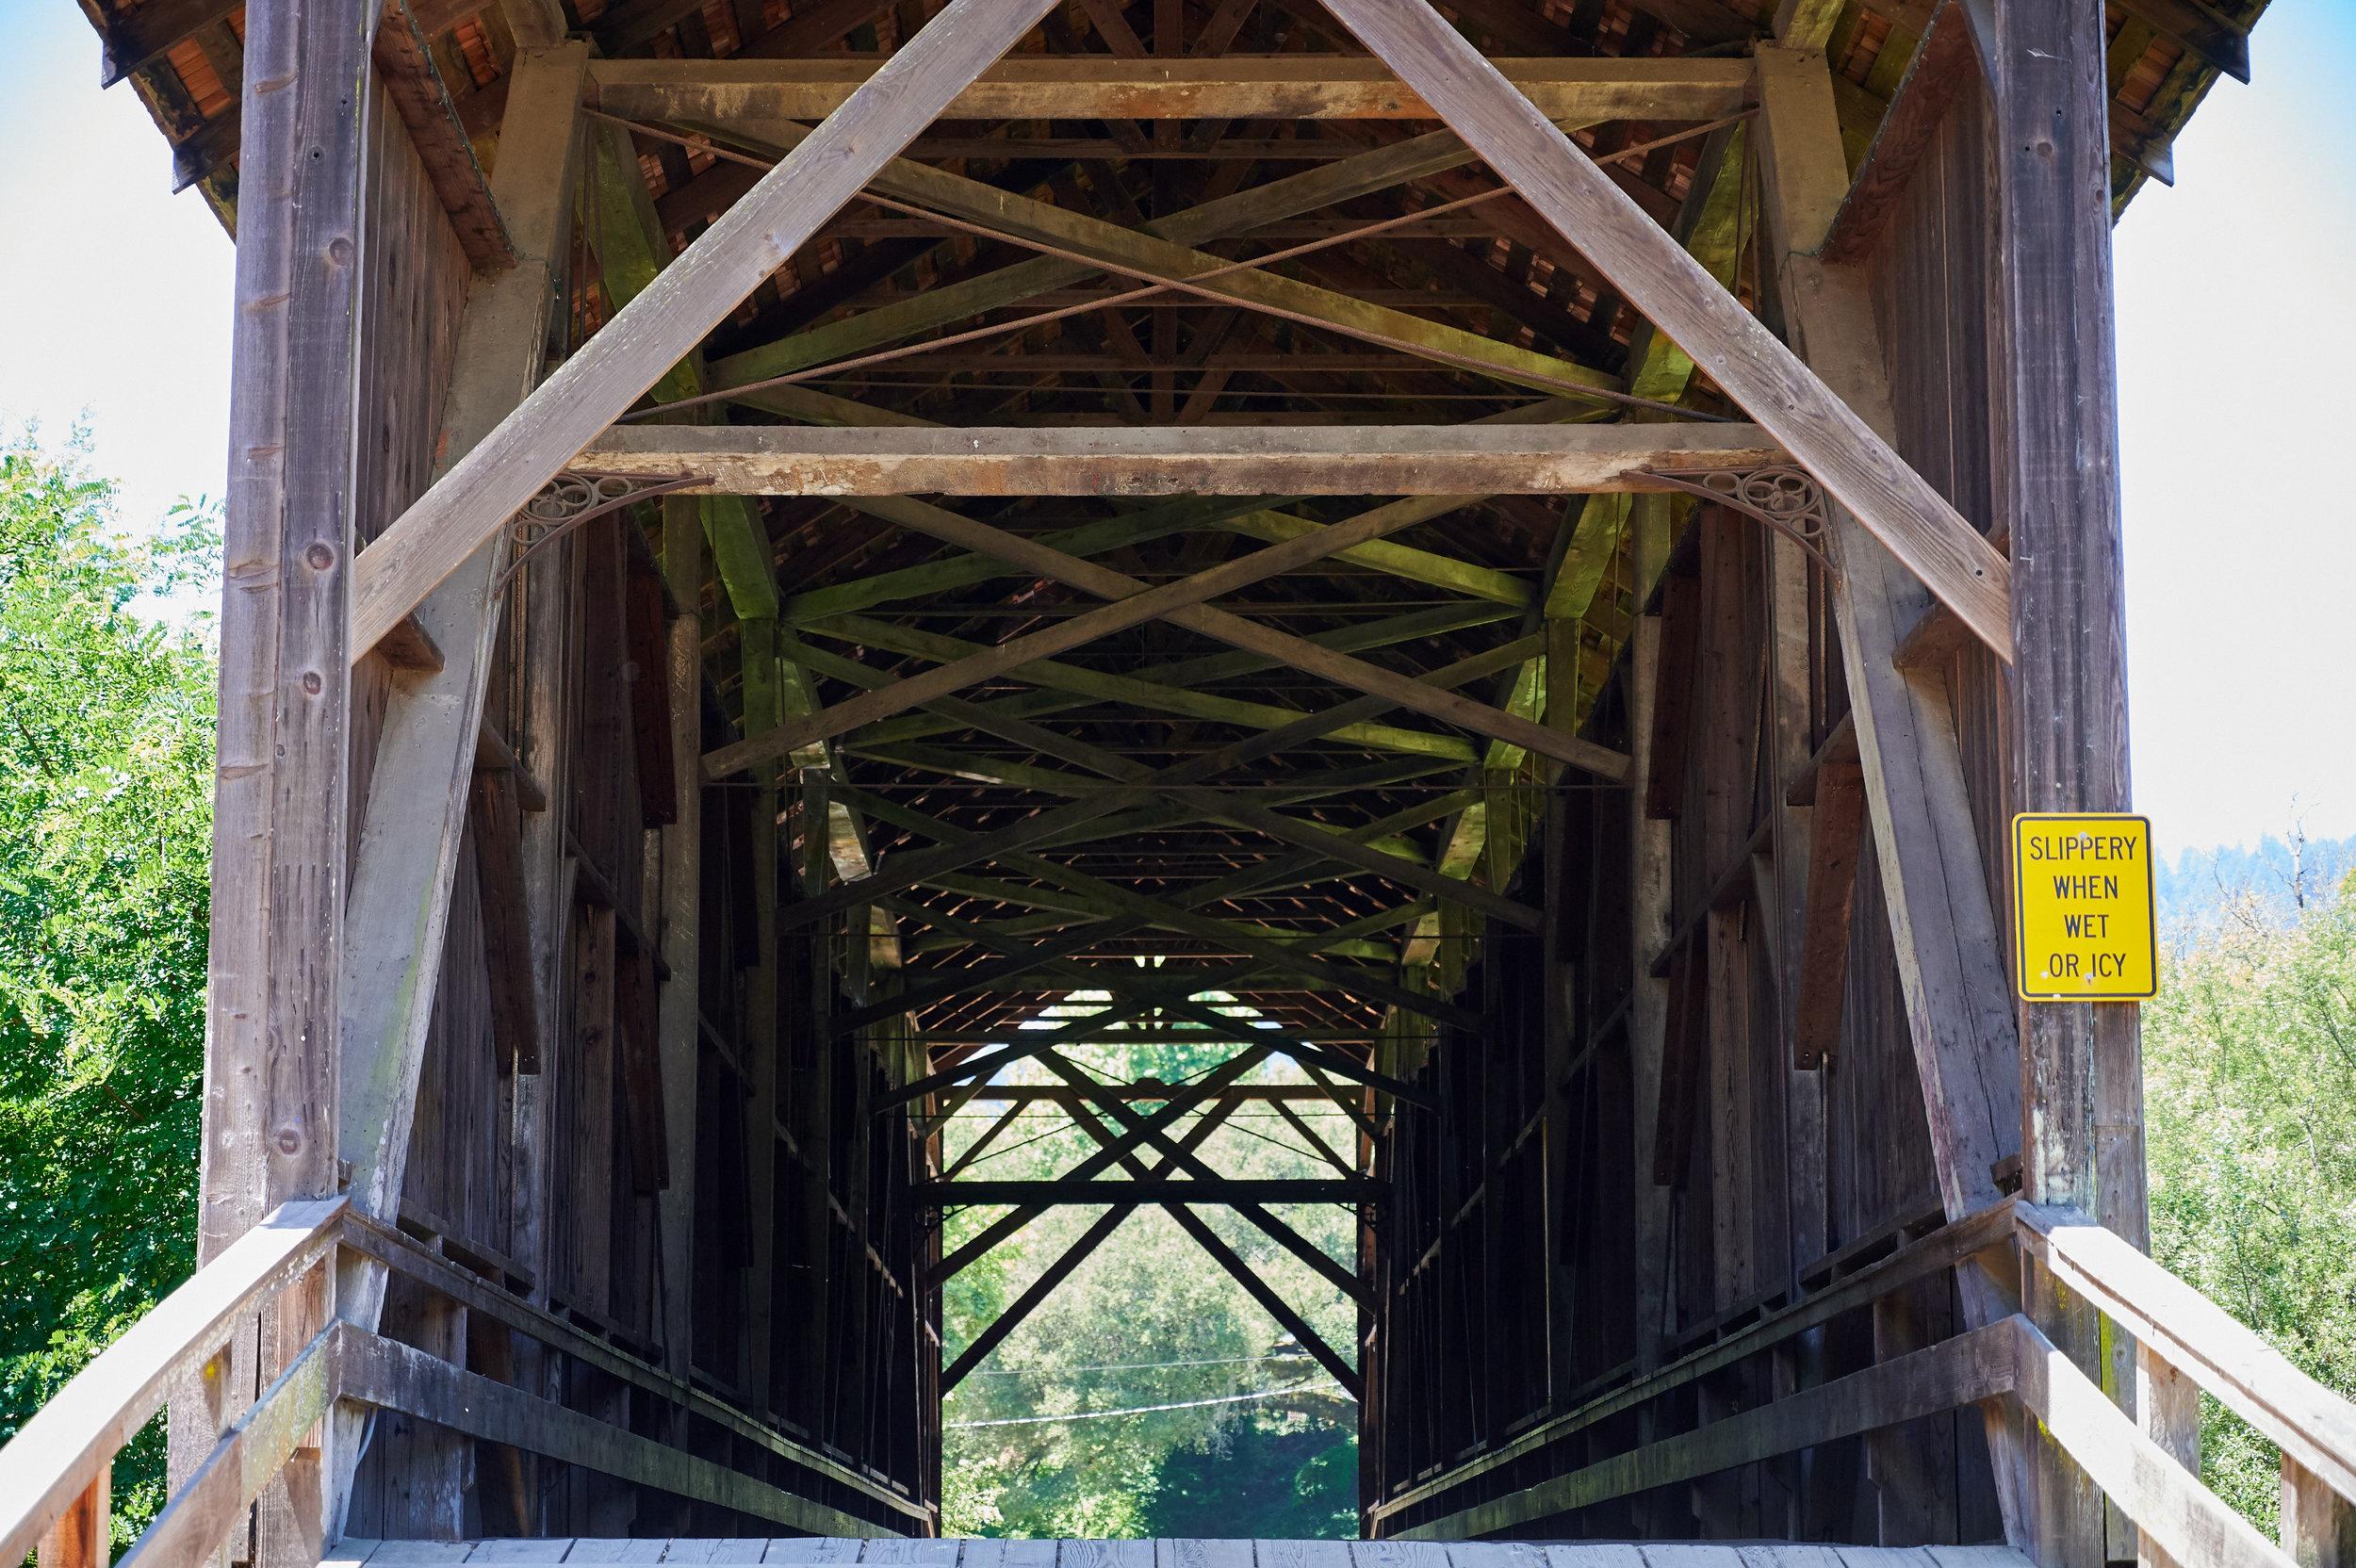 felton-guild-and-covered-bridge-2019-07-09-48.jpg